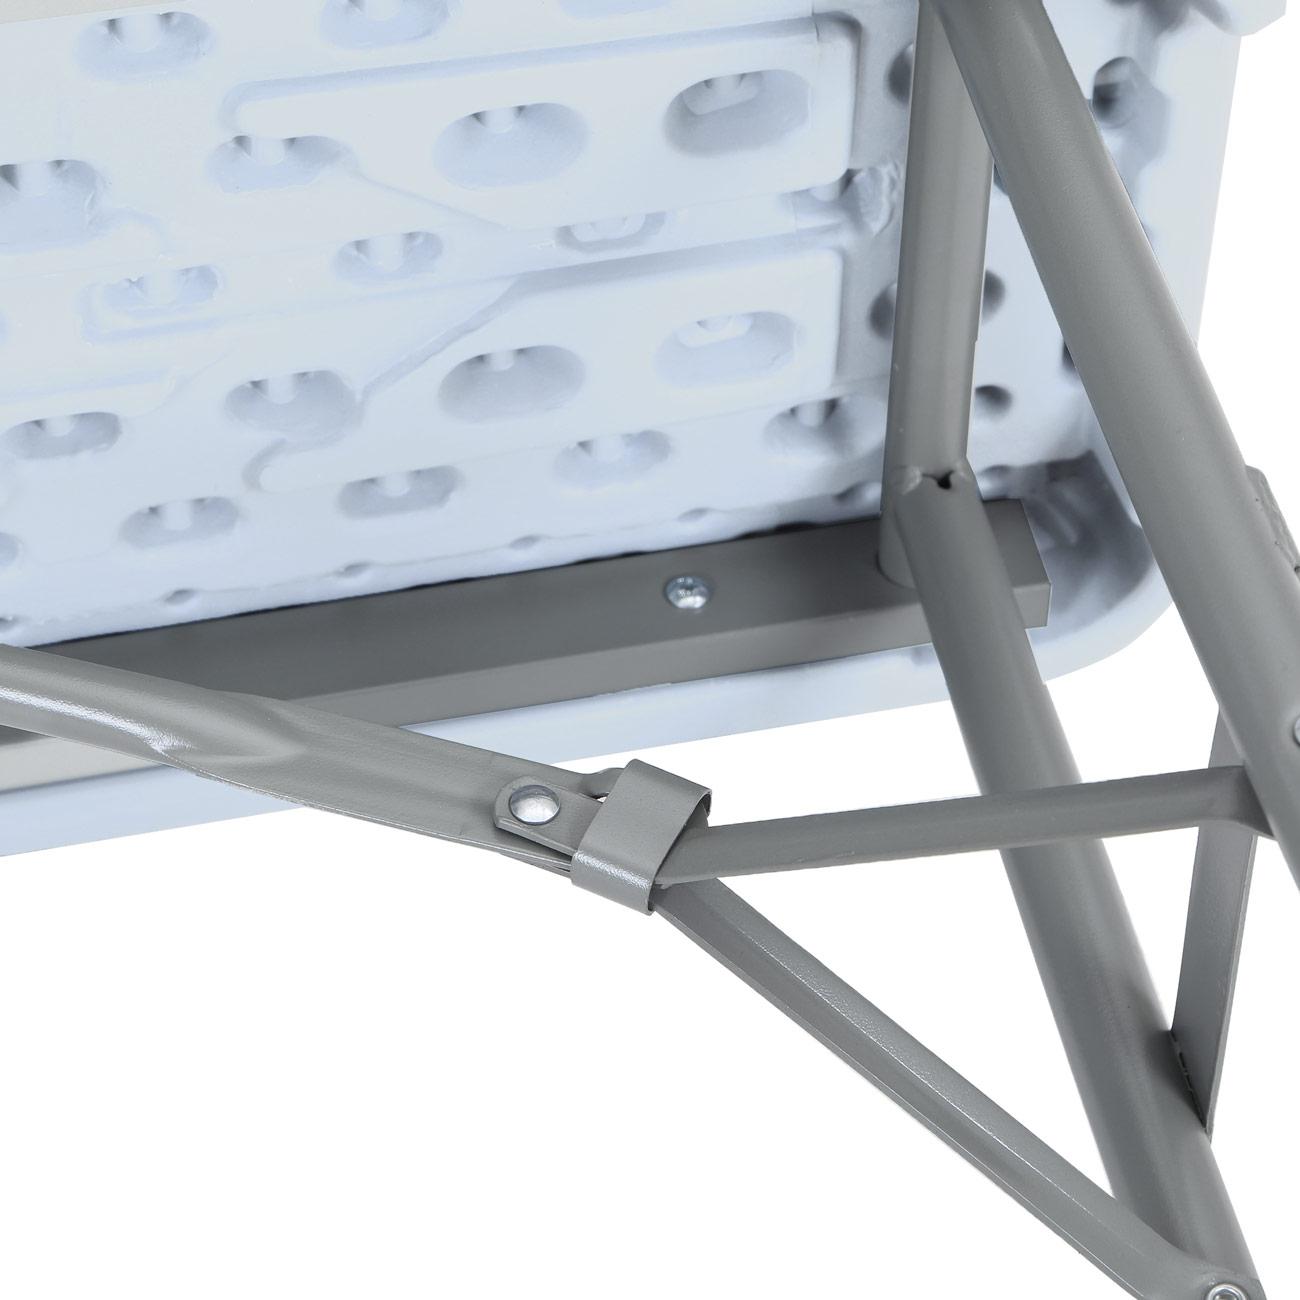 Strattore Table de Jardin en Plastique - Pliable 180 x 70 x 74 cm en Blanc  Modèle 2018